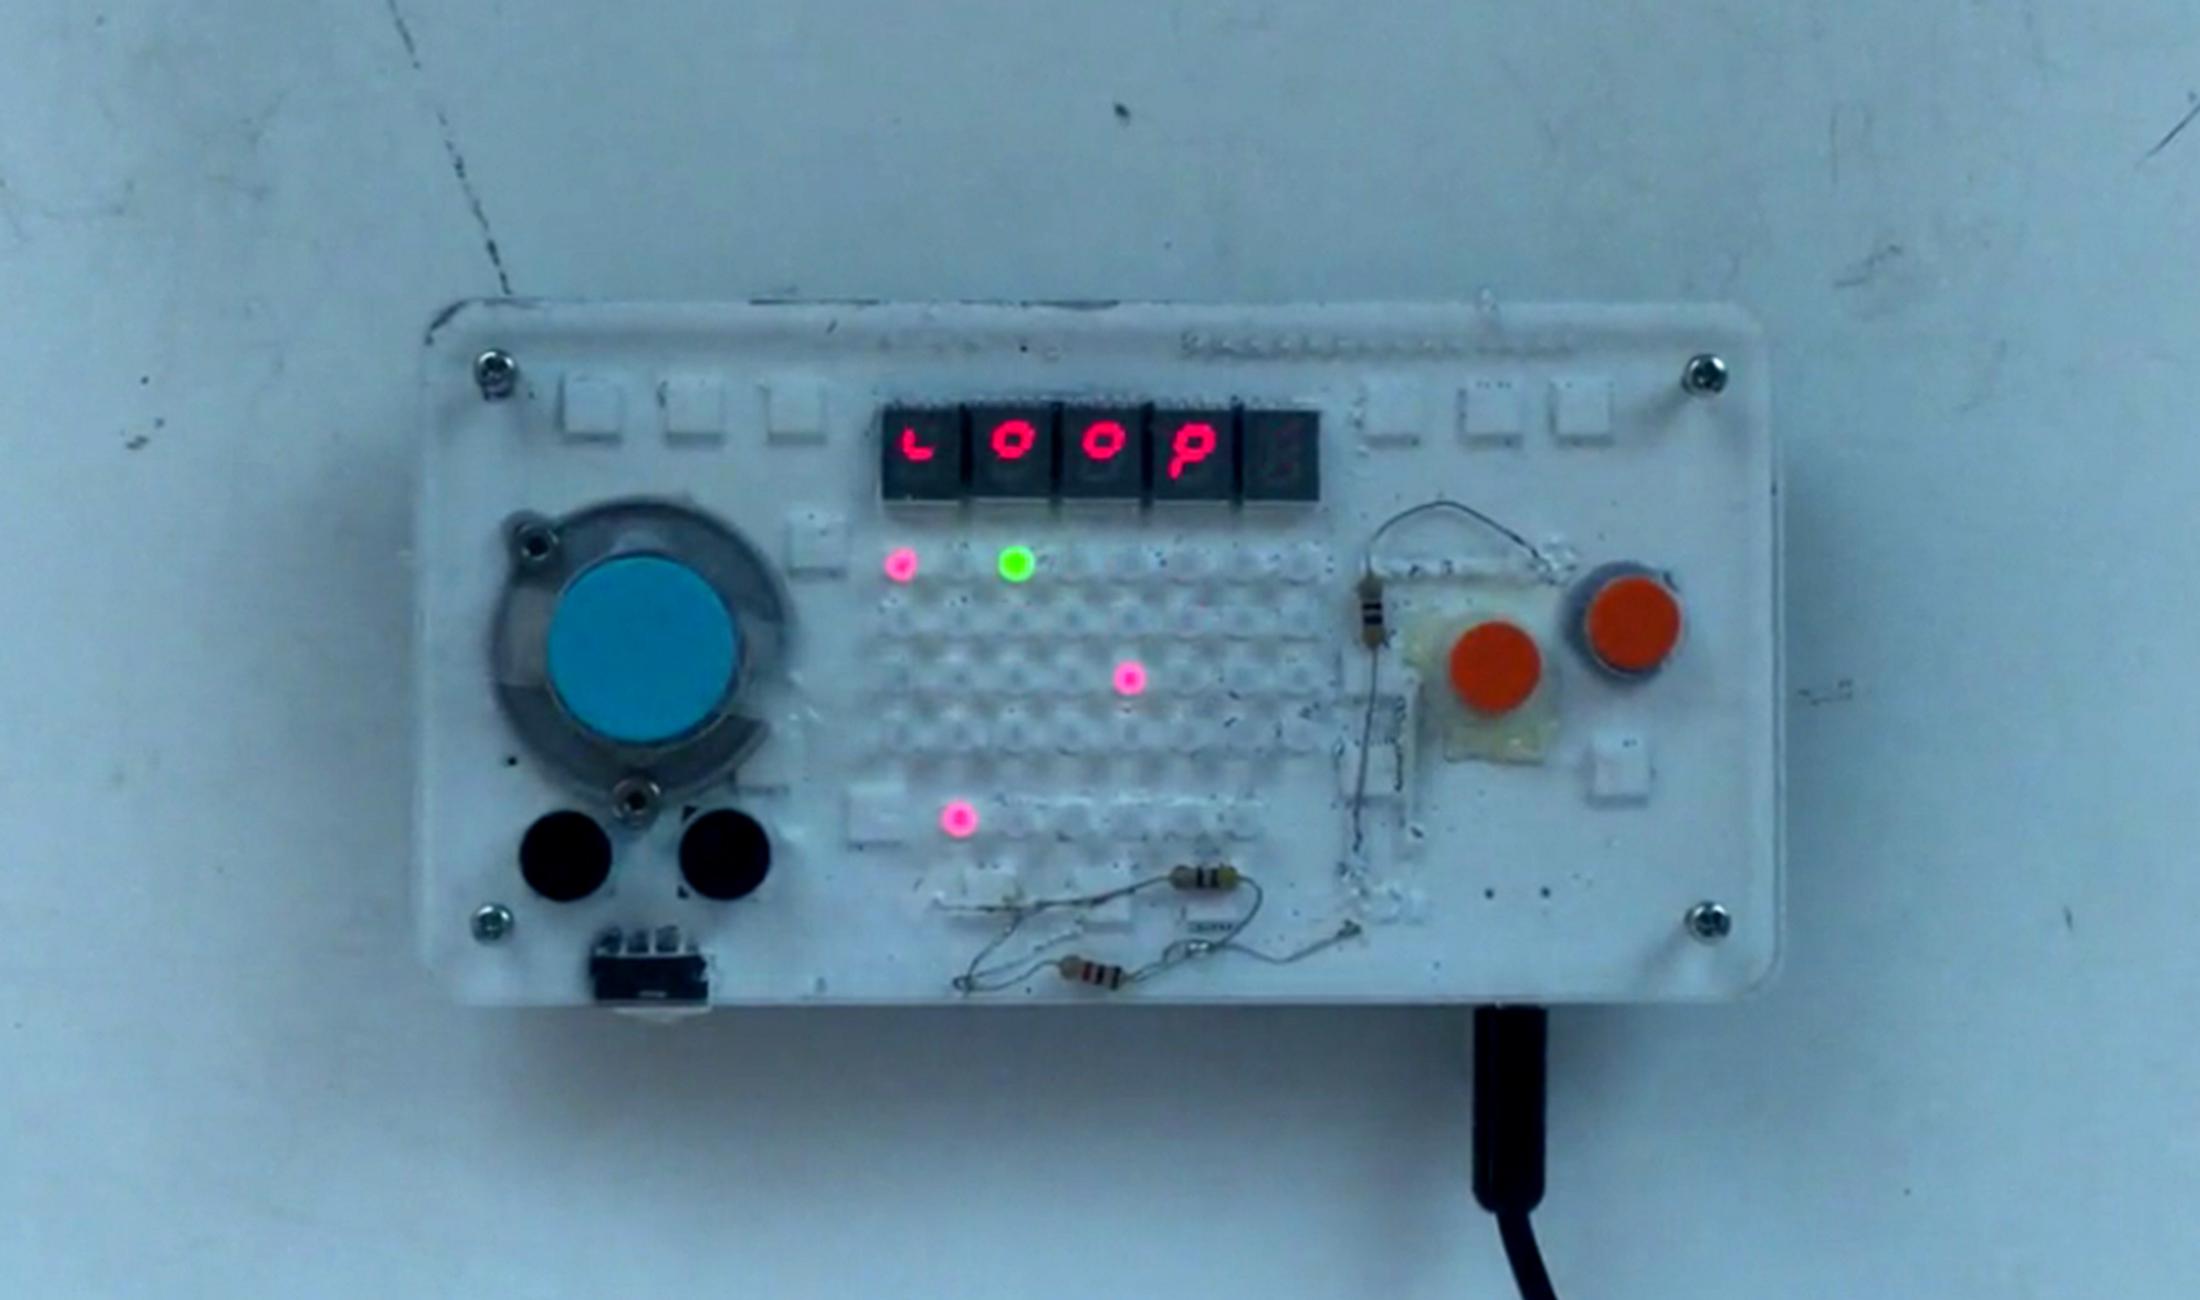 nanoloop ist ein Mix aus Synth, Sequenzer und Videogame